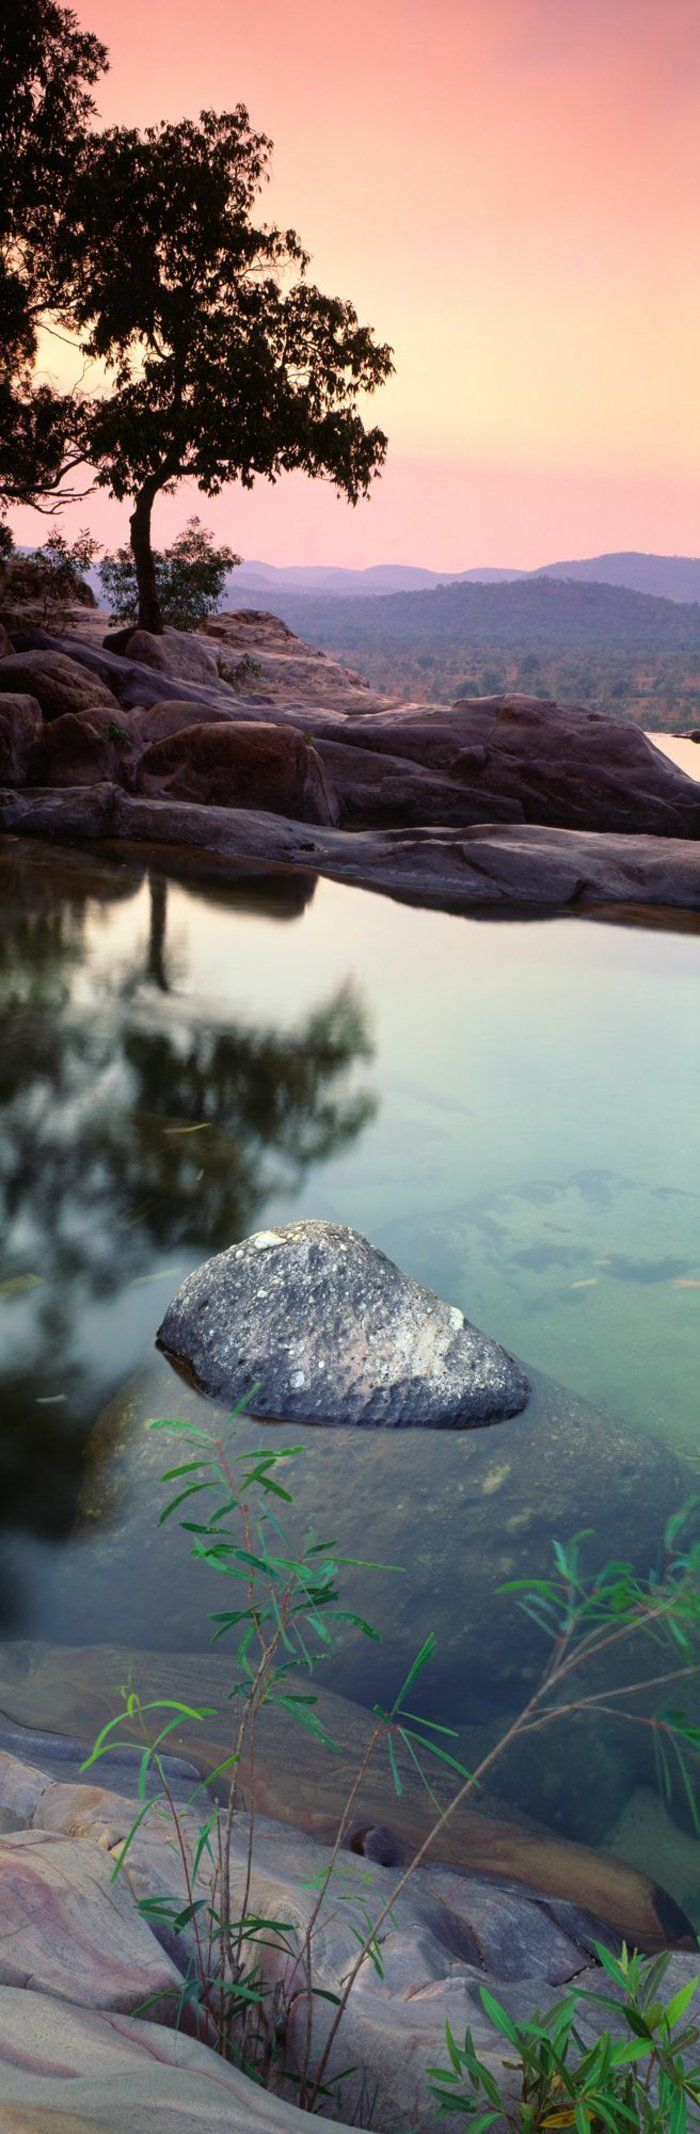 Les Plus Belles Fonds D Ecran Paysage En 45 Photos Beaux Fonds D Ecran Jolie Paysage Paysage